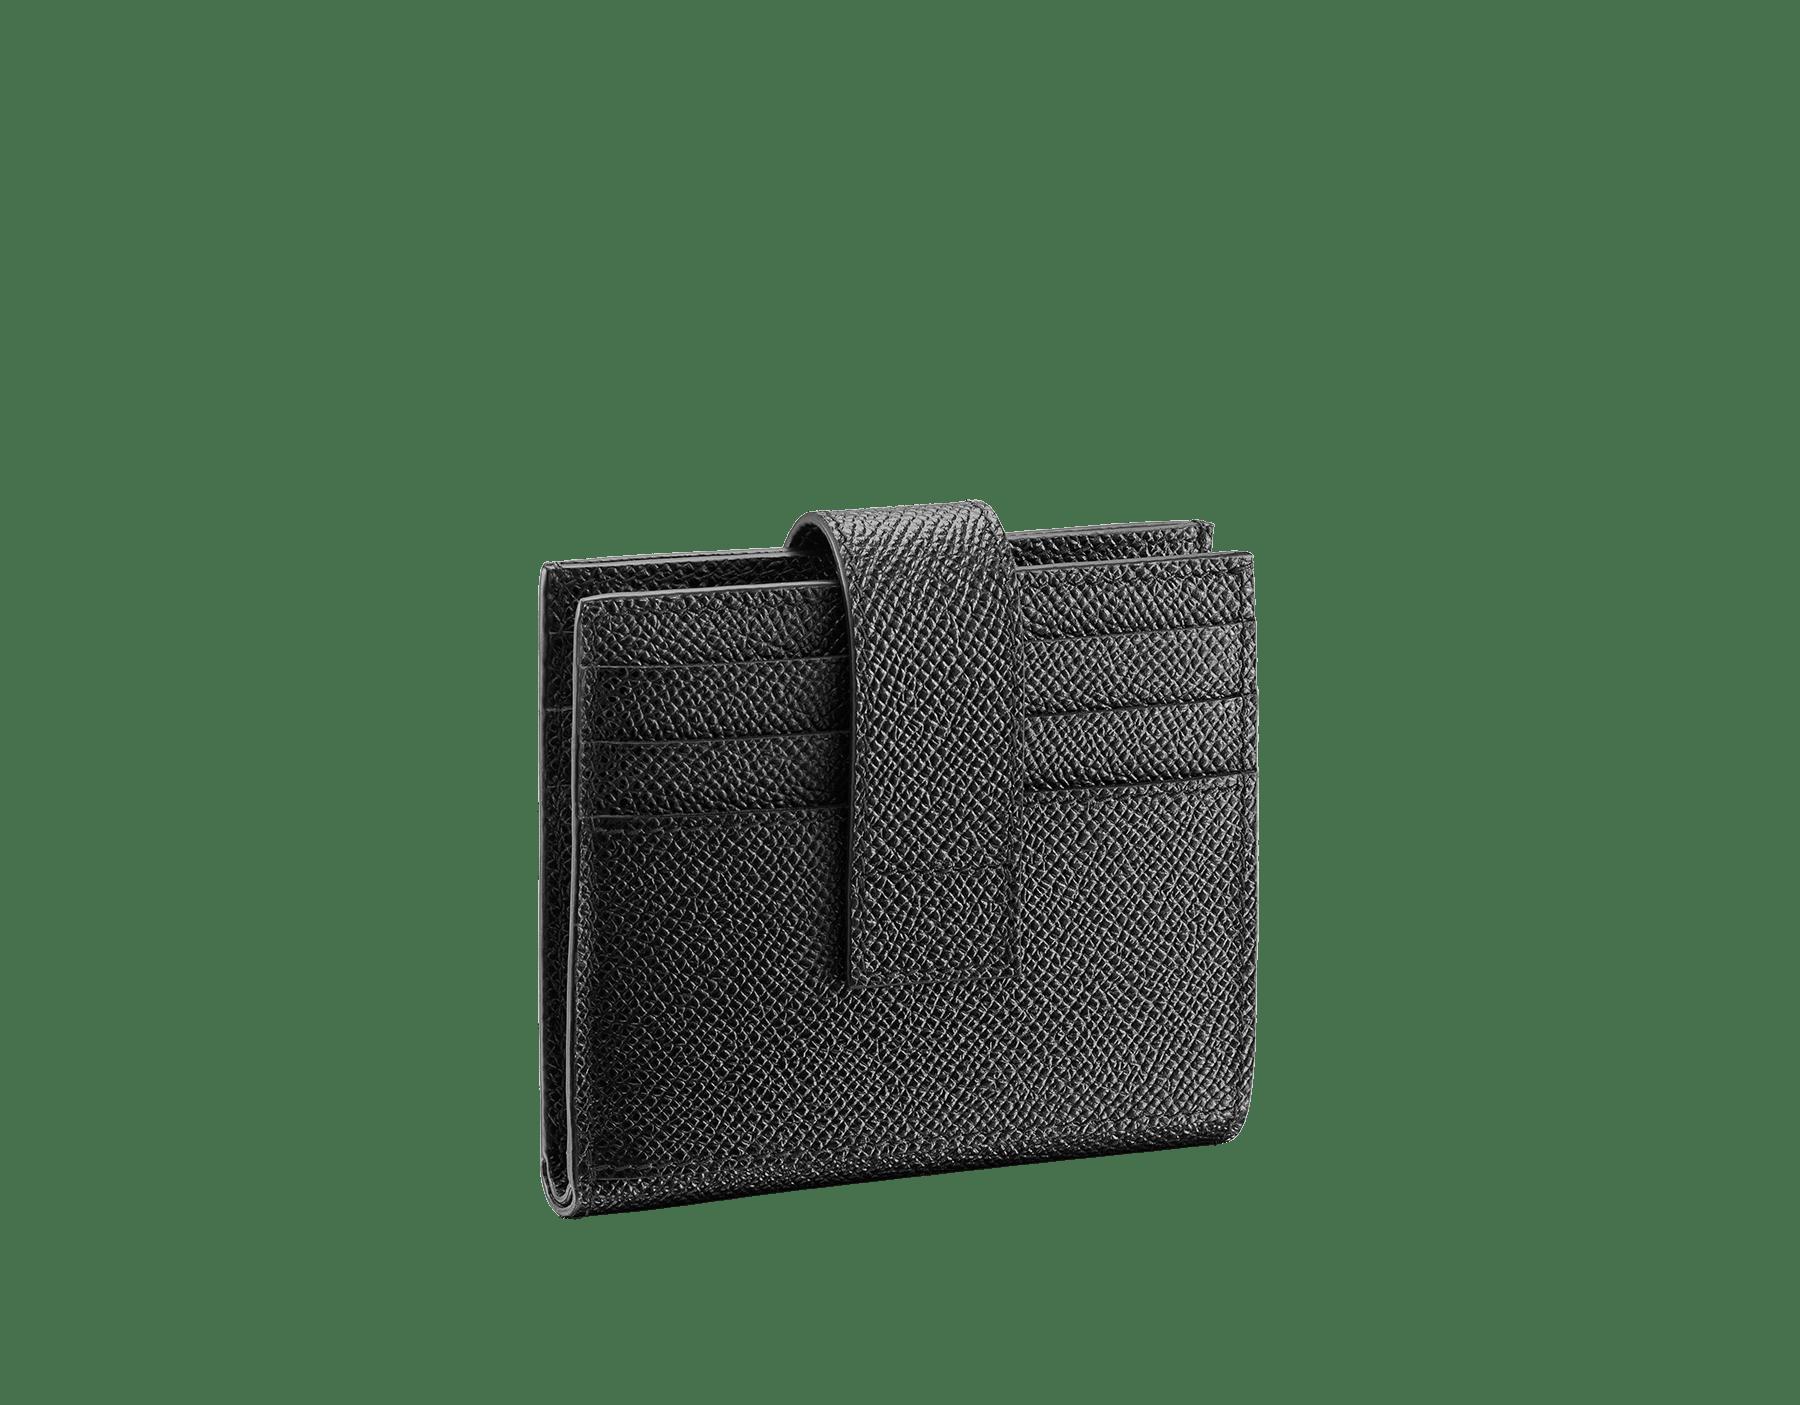 ブラックグレインカーフレザーの「ブルガリ・ブルガリ」カードホルダー。パラジウムプレートブラスのアイコニックなロゴ装飾。 290069 image 3